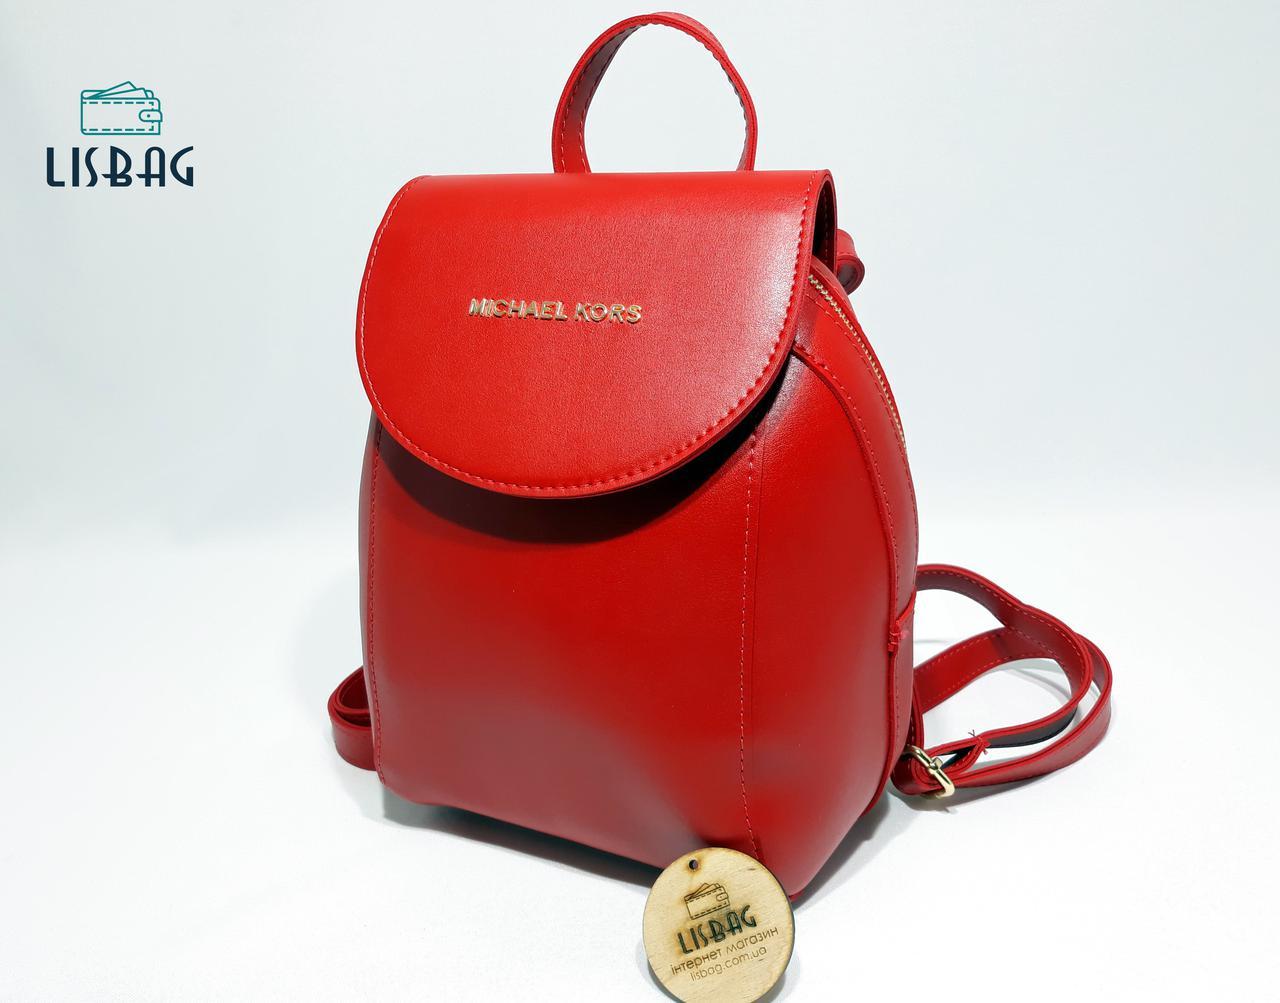 6a6f313daae6 Яркий эксклюзивный рюкзак сумка Michael Kors копия люкс, красного цвета - Интернет  магазин Lisbag в